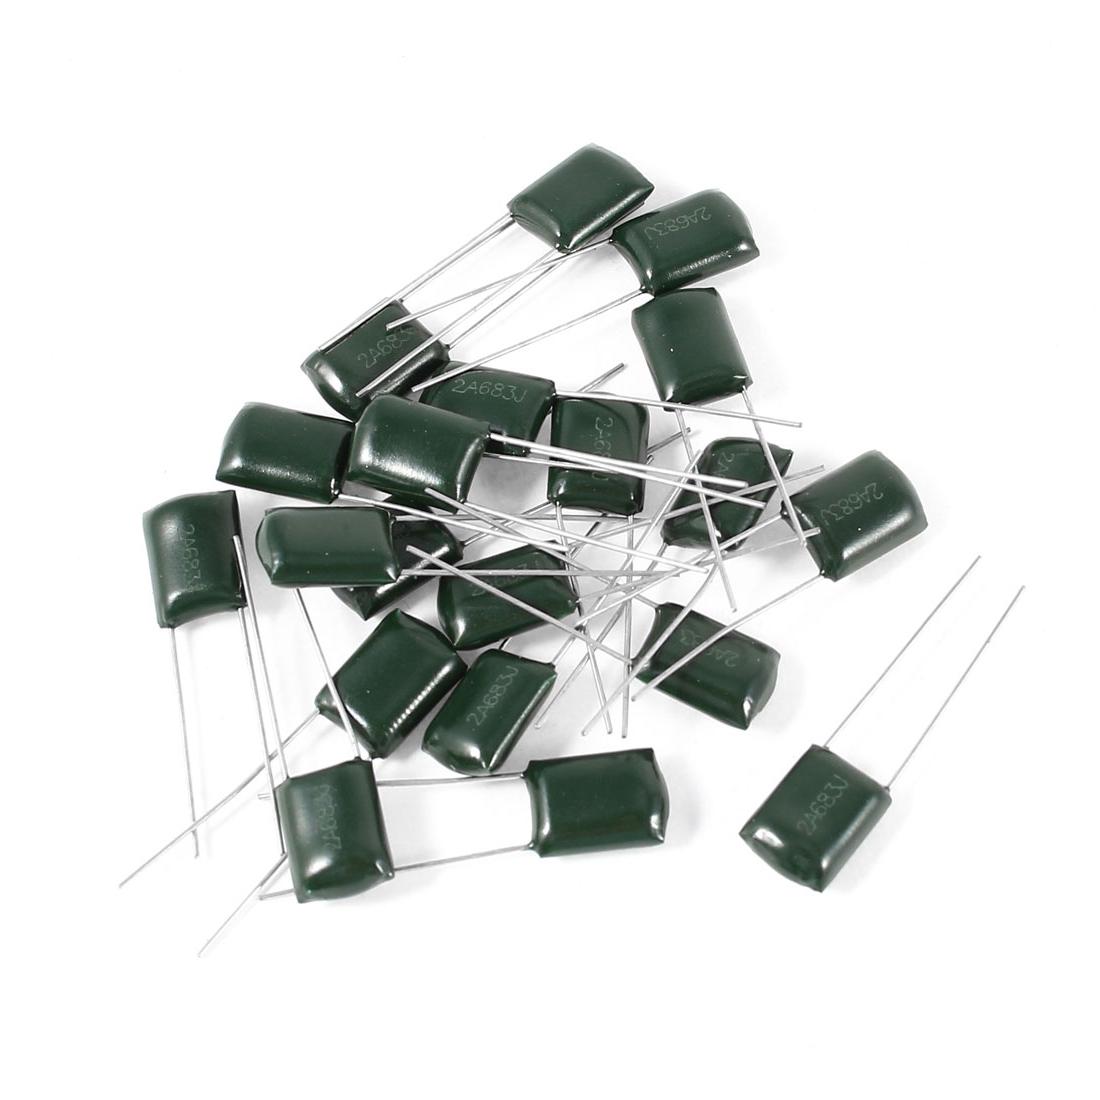 20 Pcs 2A683J 100V 68000pF 5% Mylar Cap Polyester Film Capacitors